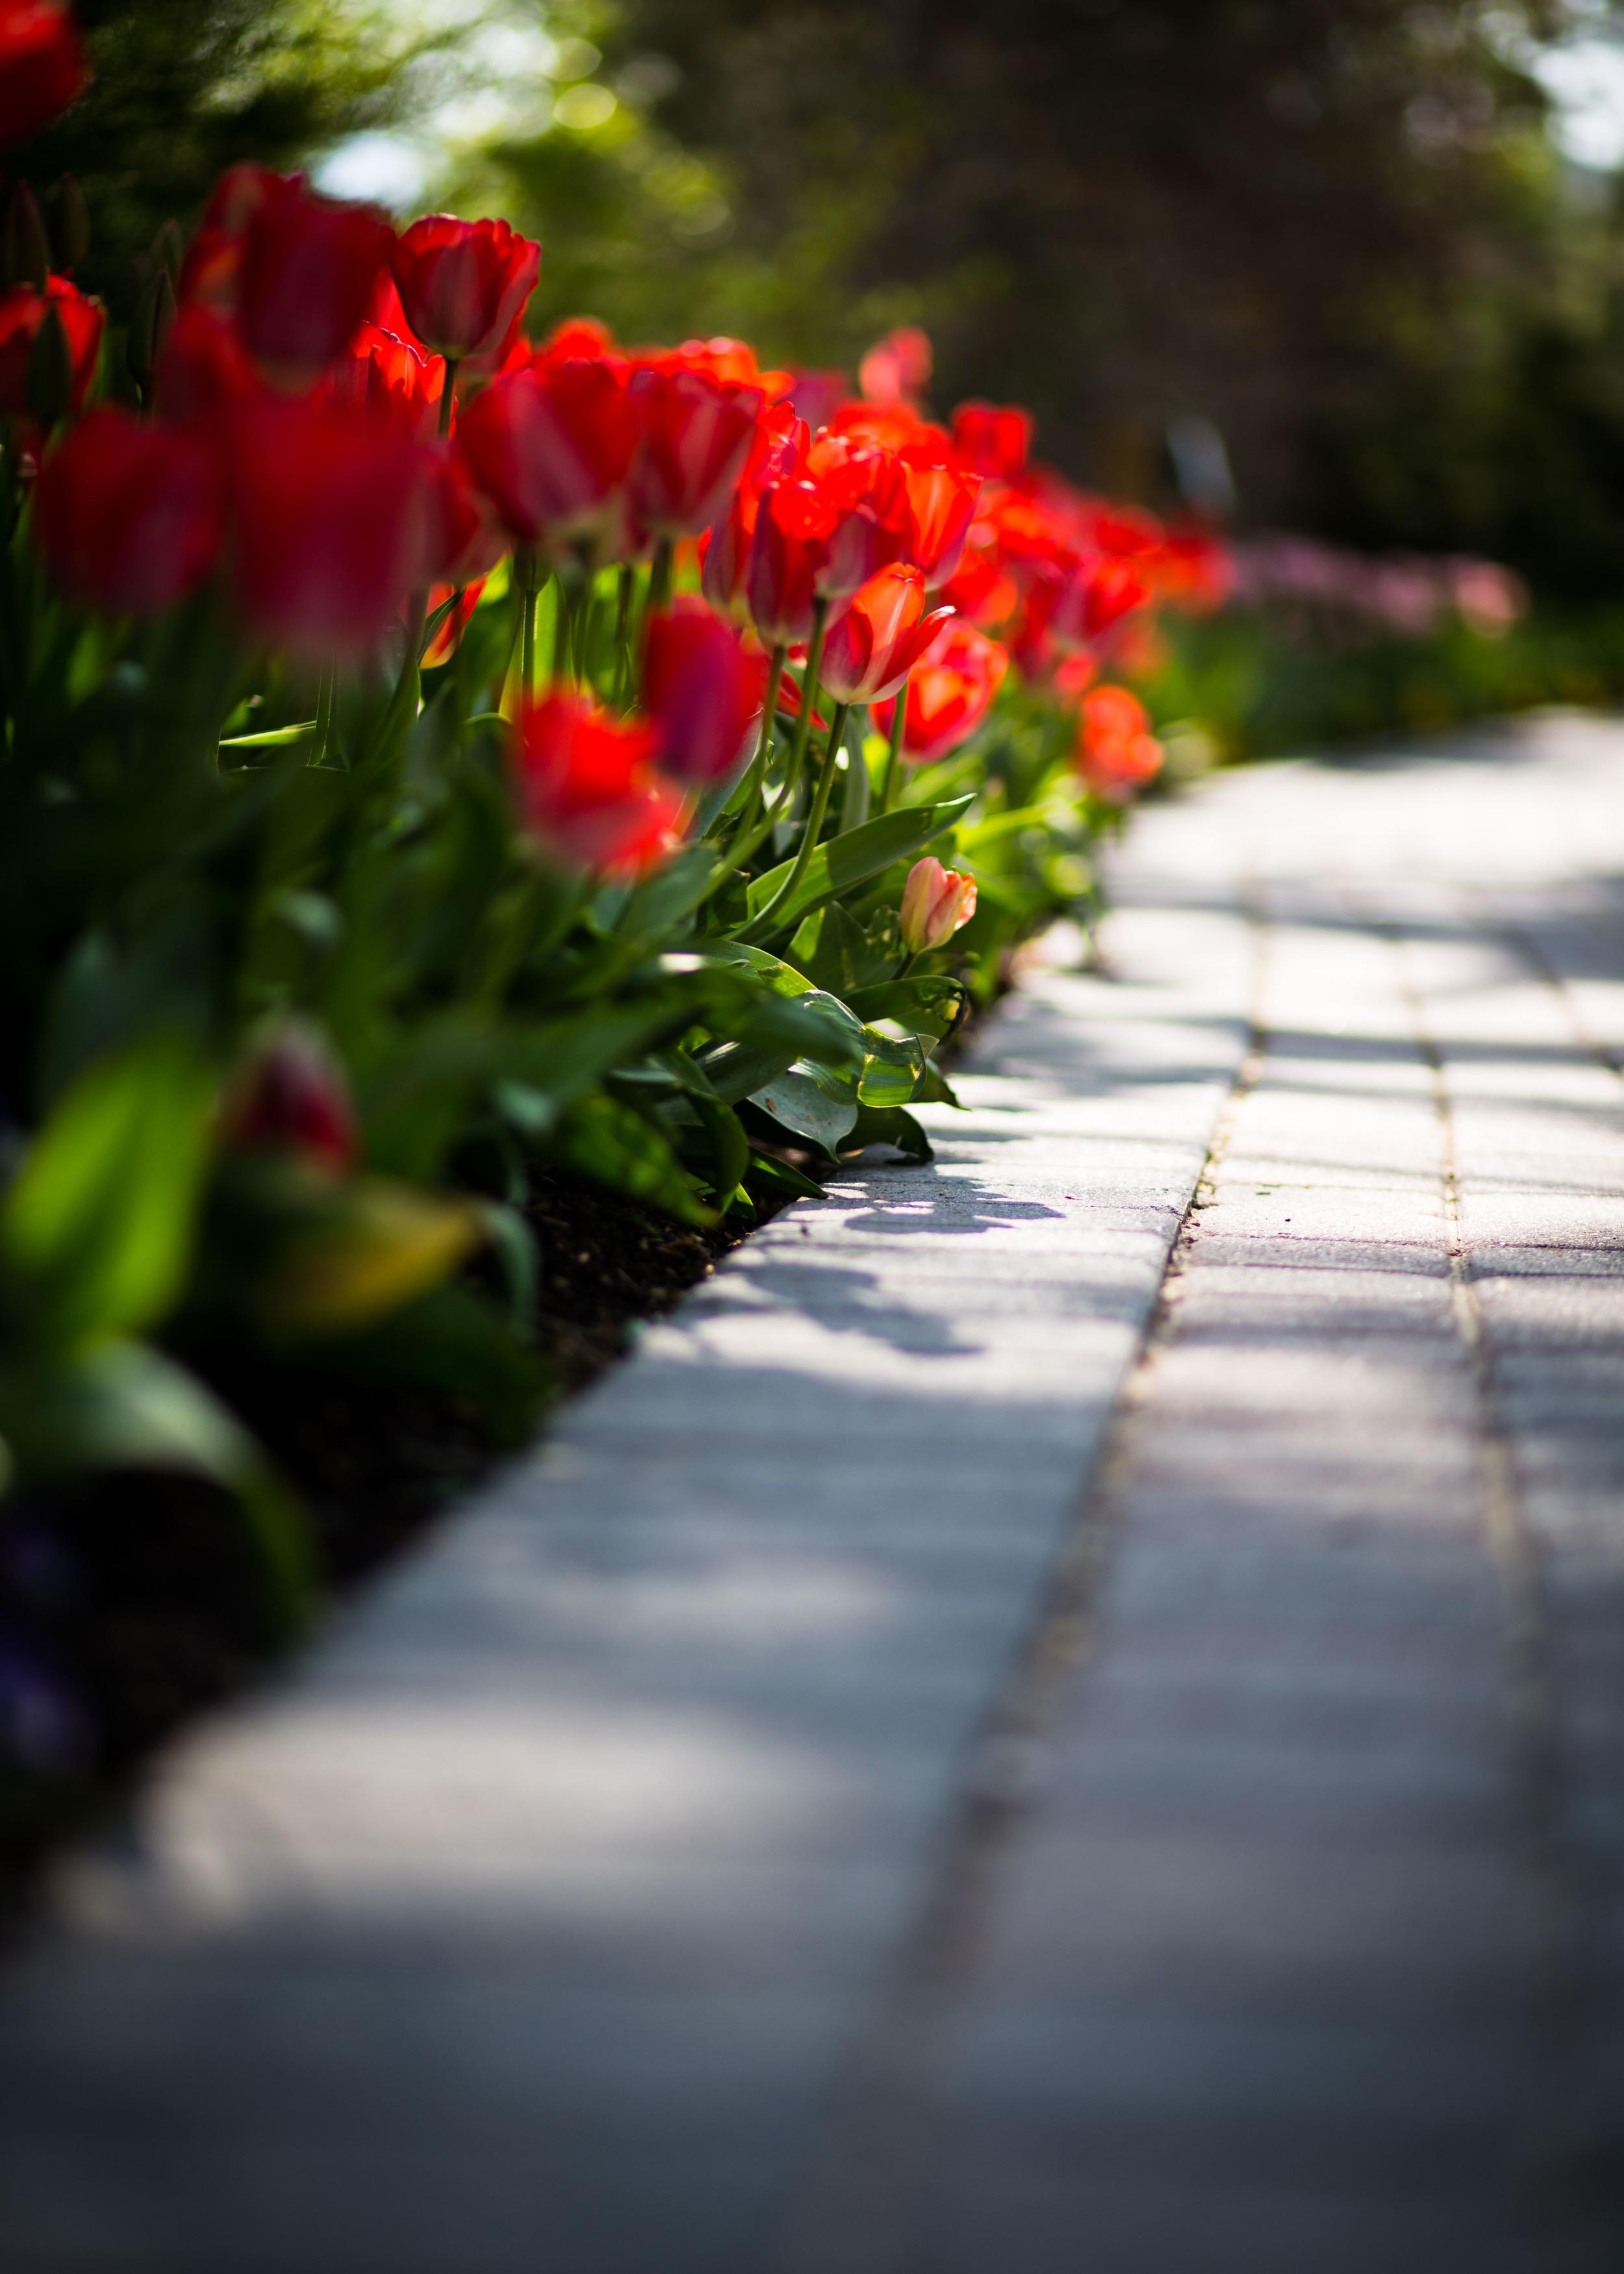 Tulips by Walkway